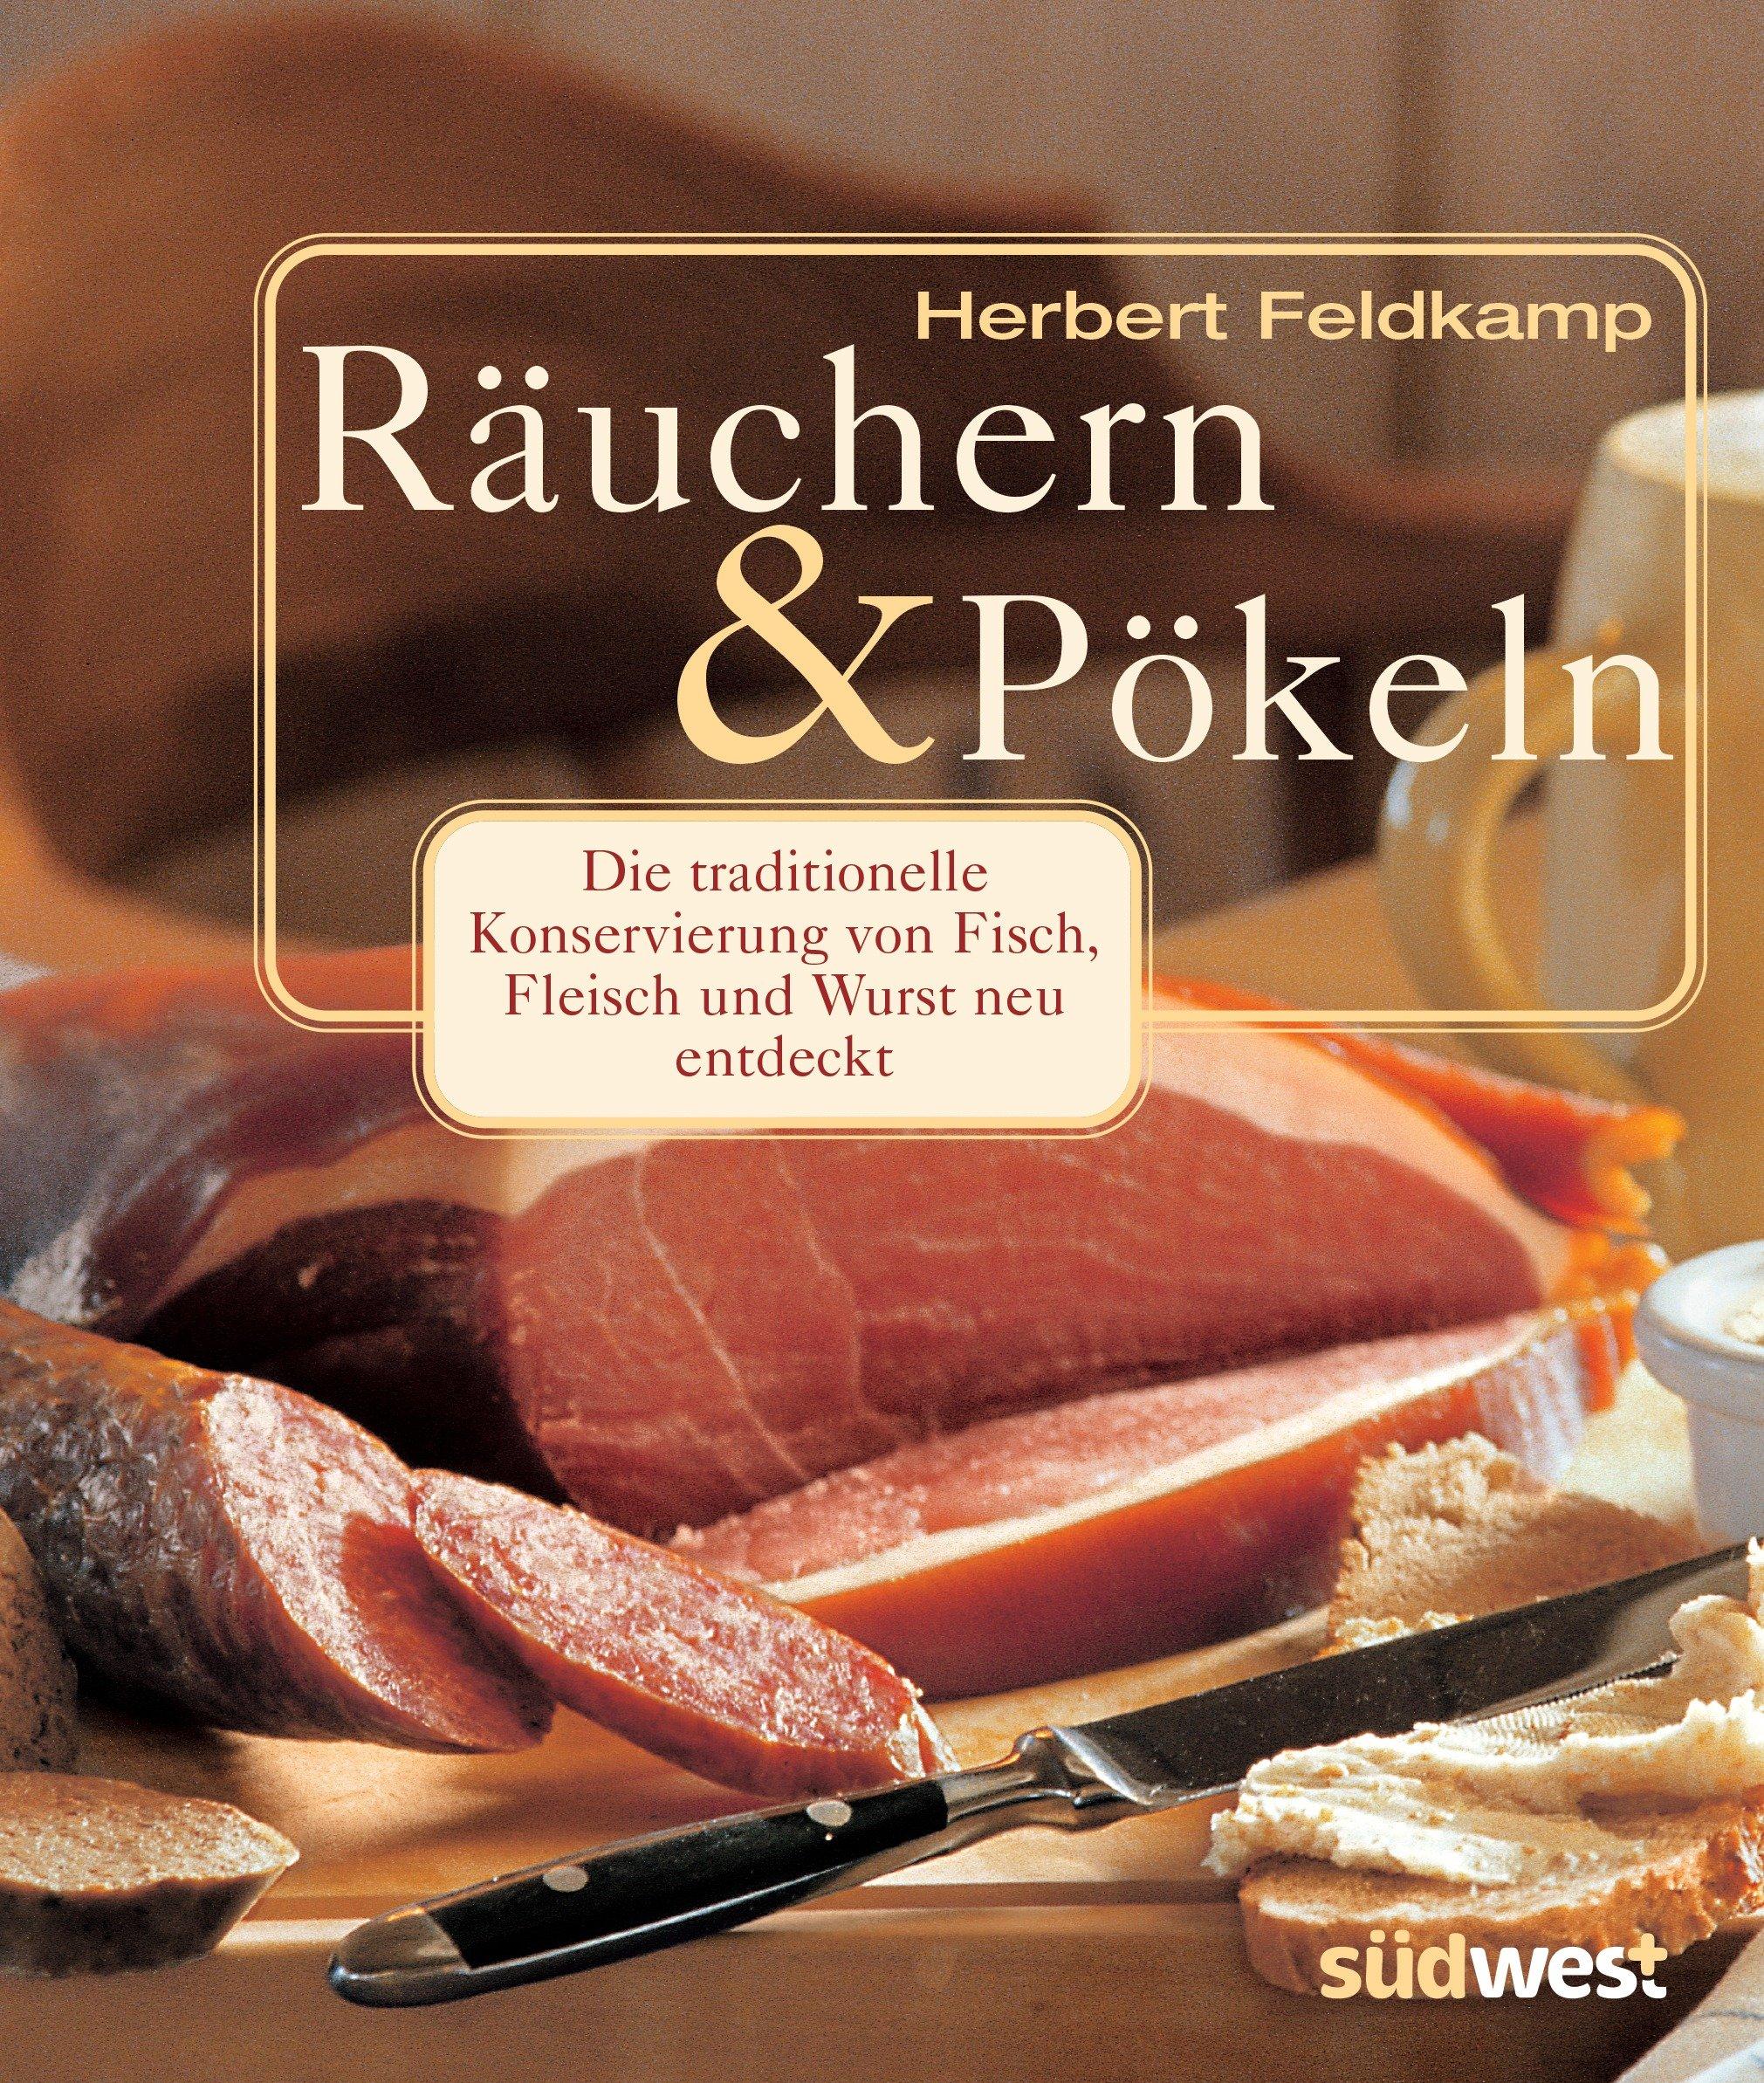 Räuchern und Pökeln: Die traditionelle Konservierung von Fisch, Fleisch und Wurst neu entdecktRezepte für Räucherwaren nach Ihrem persönlichen Geschmack schonend vielseitig würzig